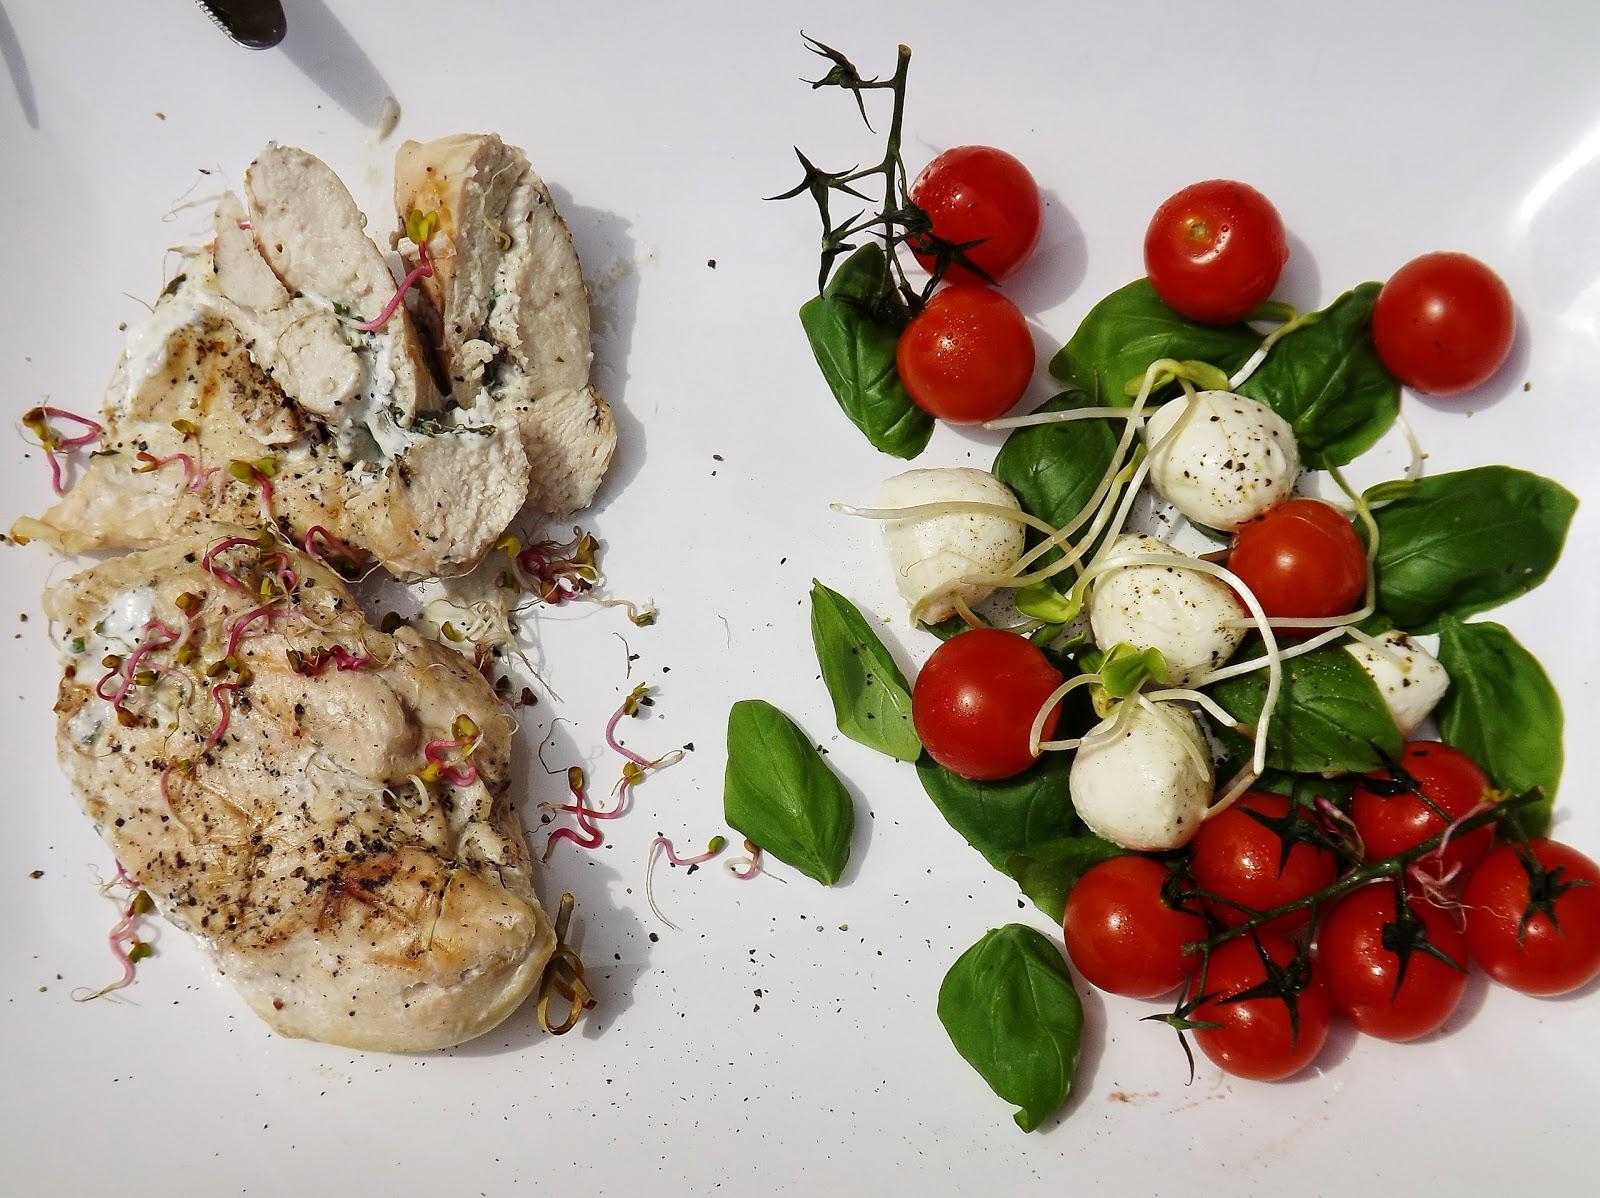 Grillowany kurczak nadziany serem kozim z sałatką z dodatkiem oleju rzepakowego